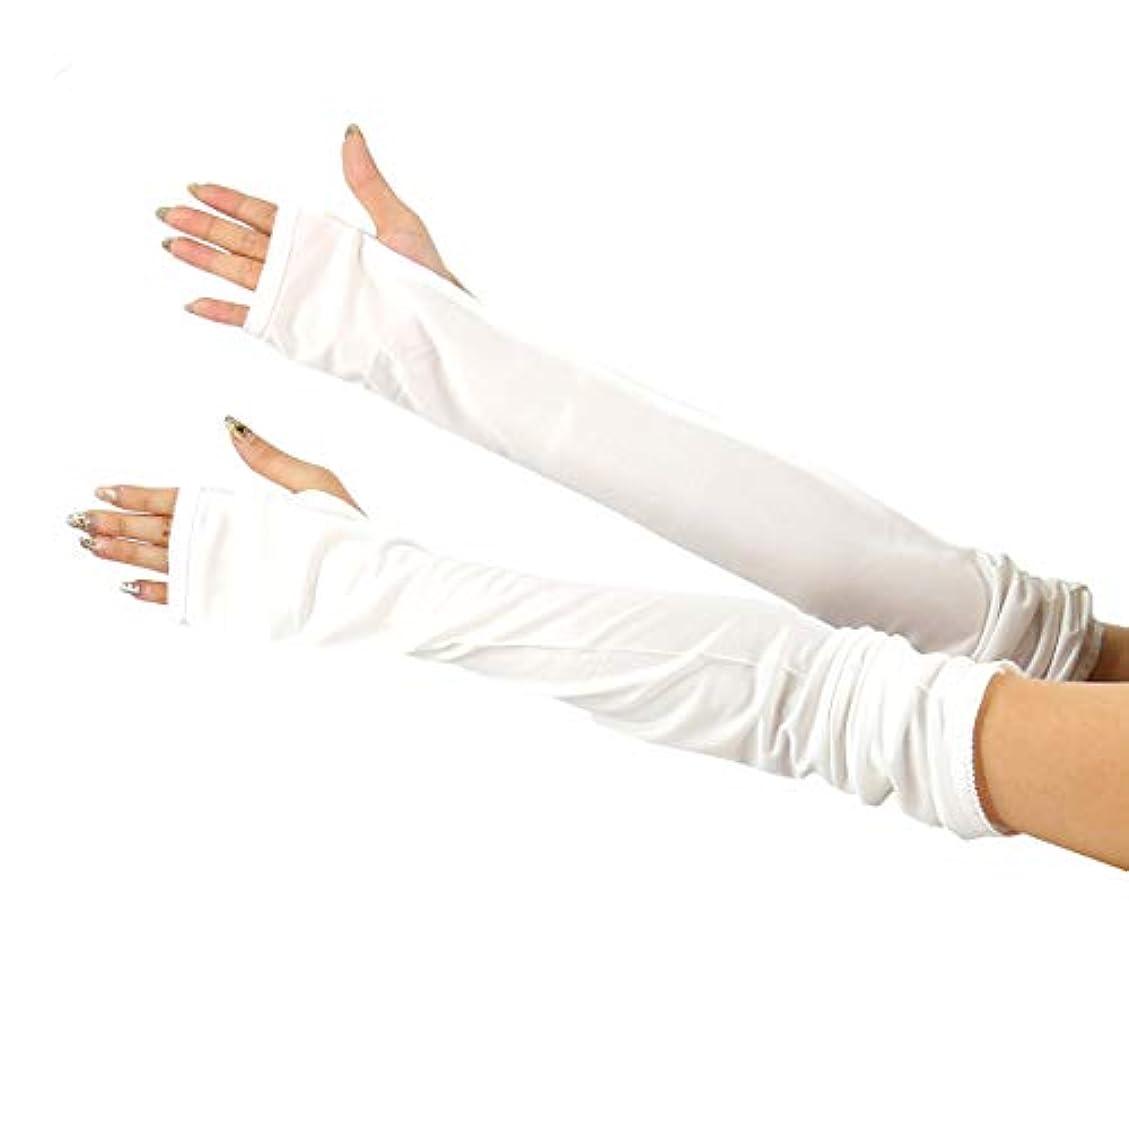 関連付ける落ち着かない不愉快に[スリーピングシープ] ひんやり サラサラ シルク100% UV 手袋 ハンドケア UV 手袋 手のお手入れに (M, ロング指無しホワイト)